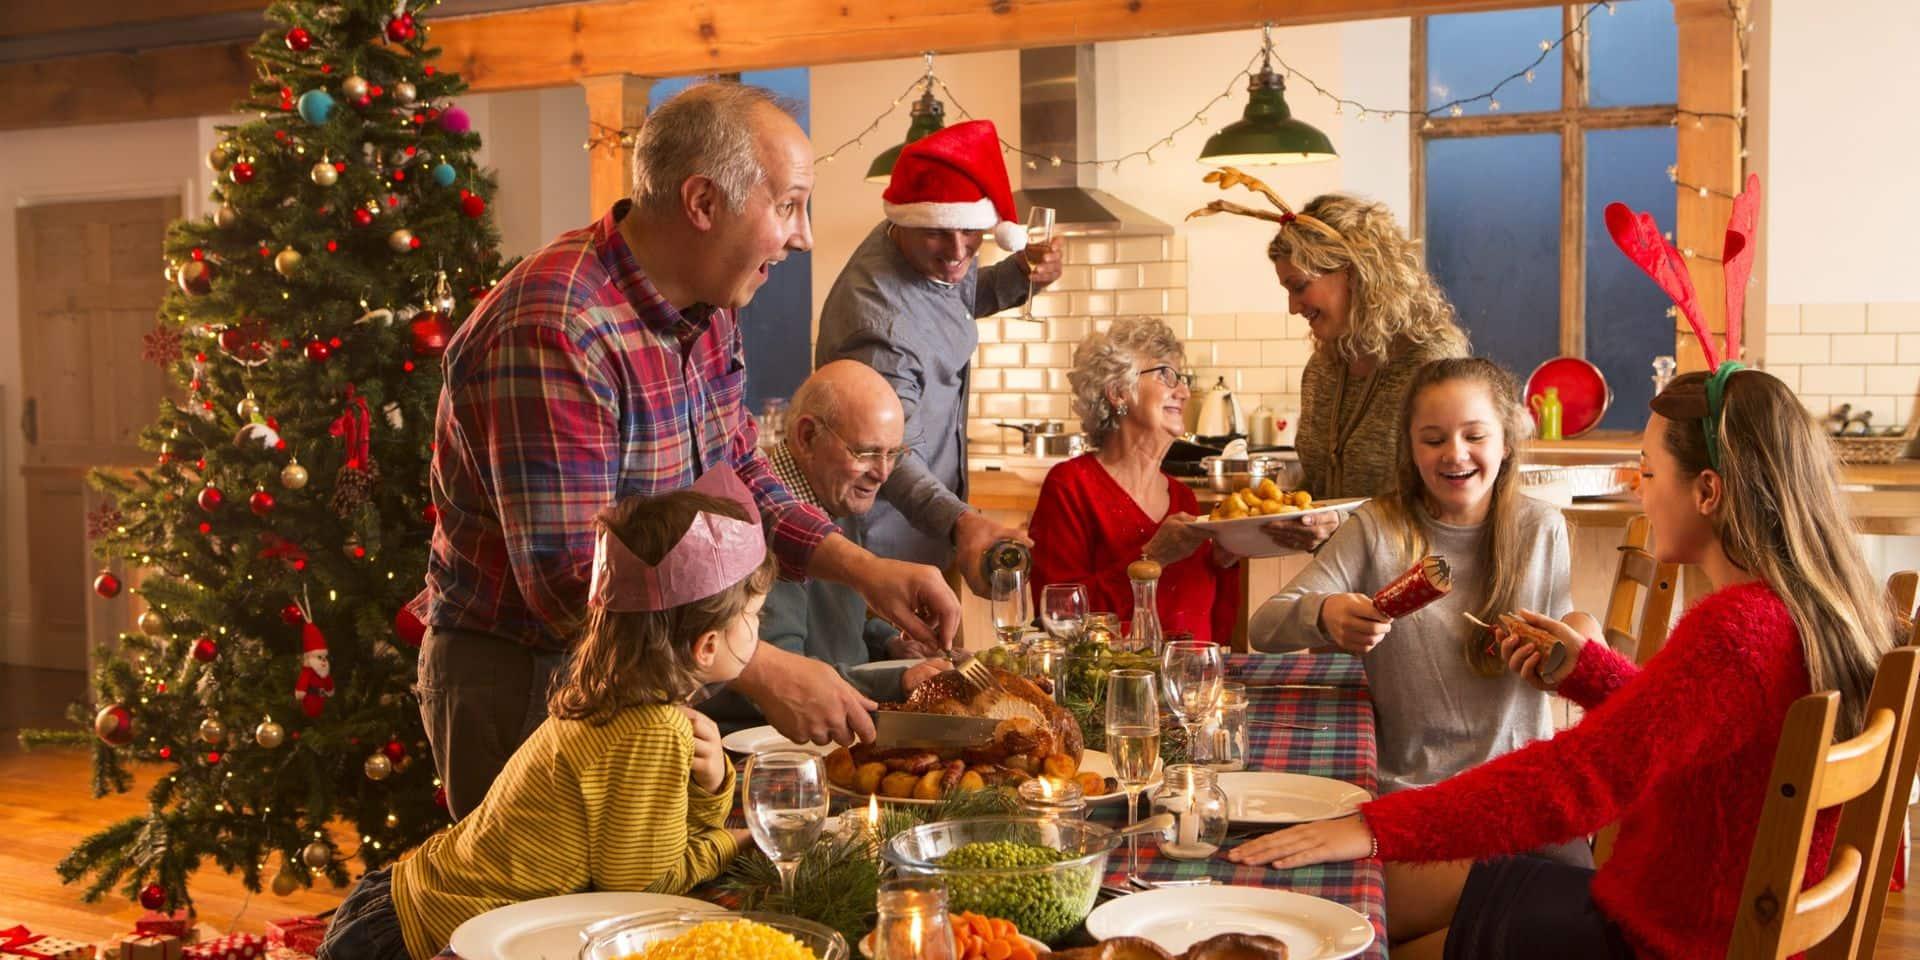 Un Noël sans toute la famille est la meilleure option en temps de Covid, selon l'OMS